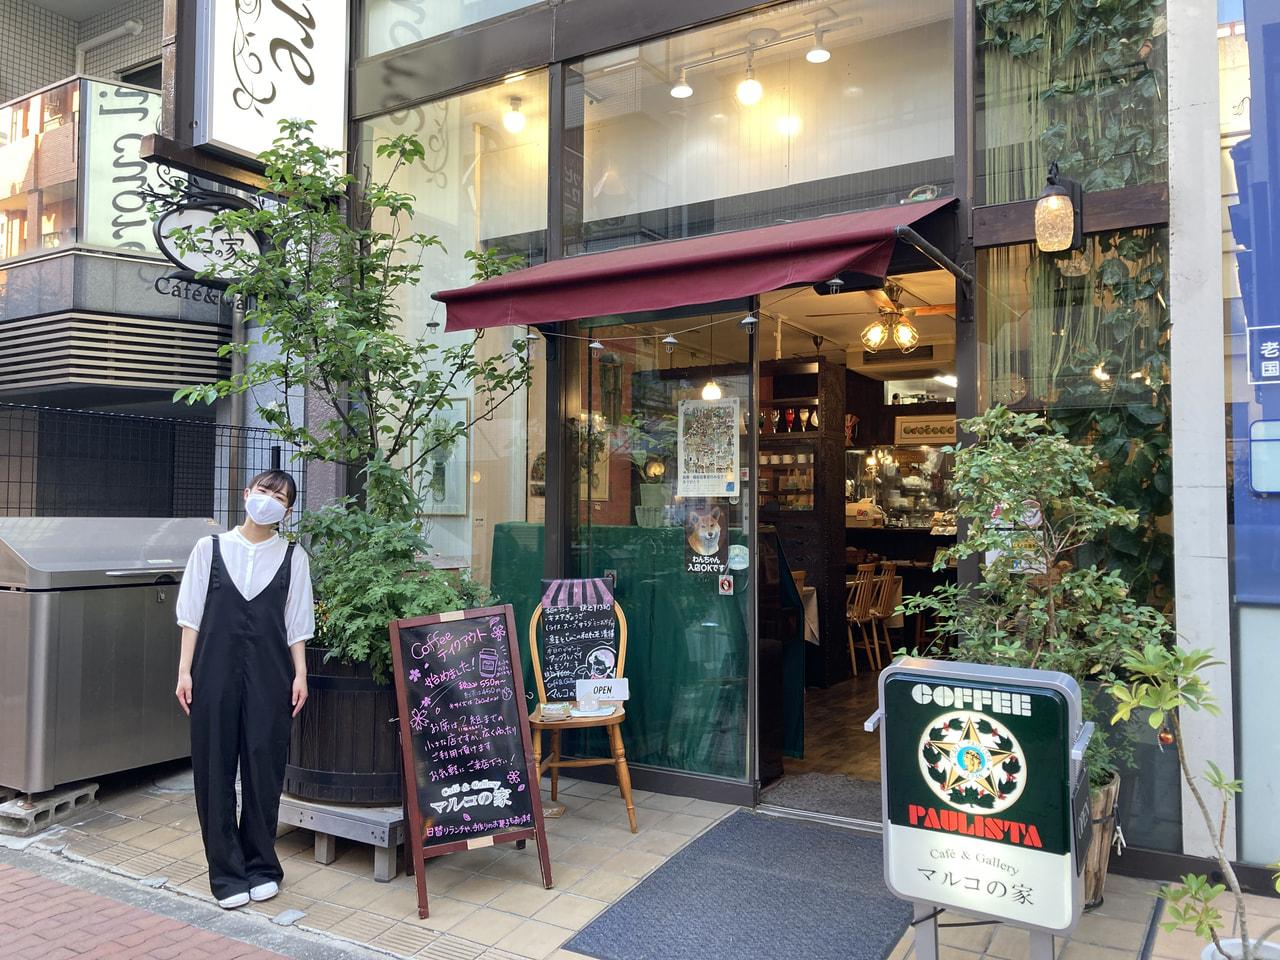 【エコショップ】cafe&gallery〈マルコの家〉では健康・環境に配慮した絶品アップルパイとあたたかな人に出会えます!